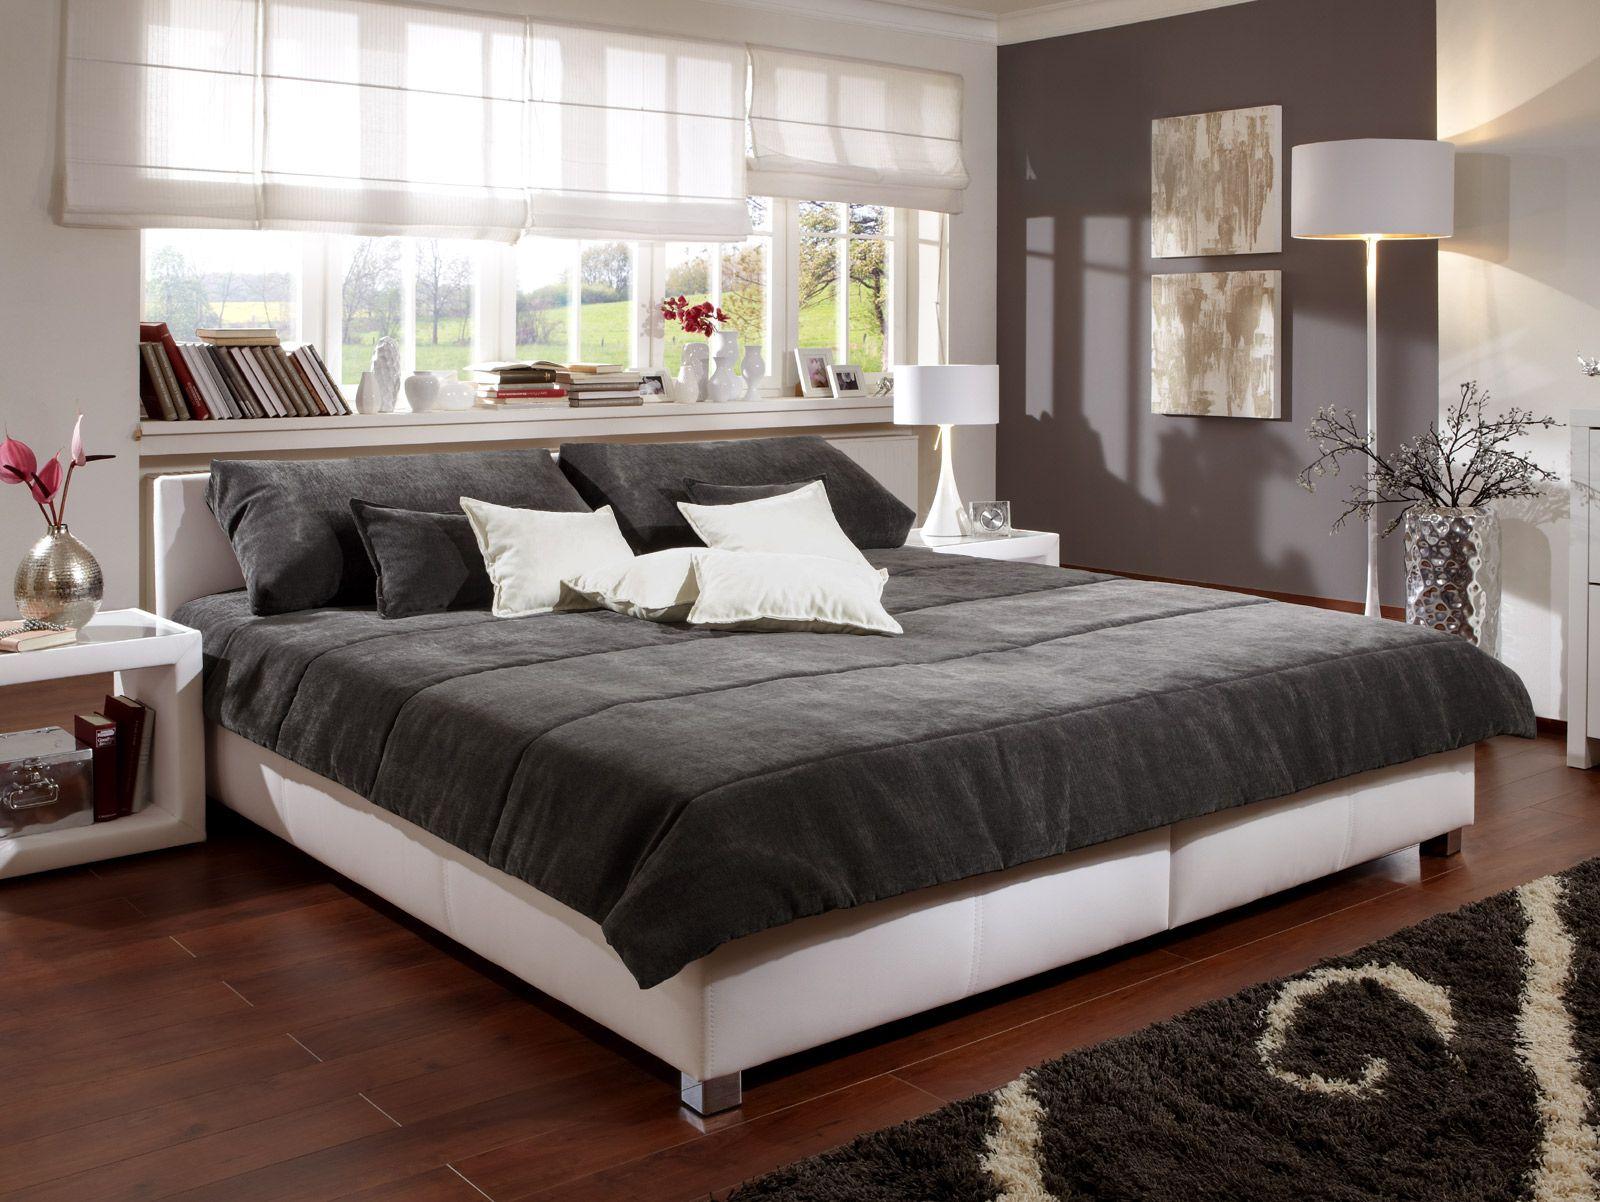 Dodenhof Schlafzimmer ~ Graues boxspringbett elegantes schmuckstück für ihr schlafzimmer